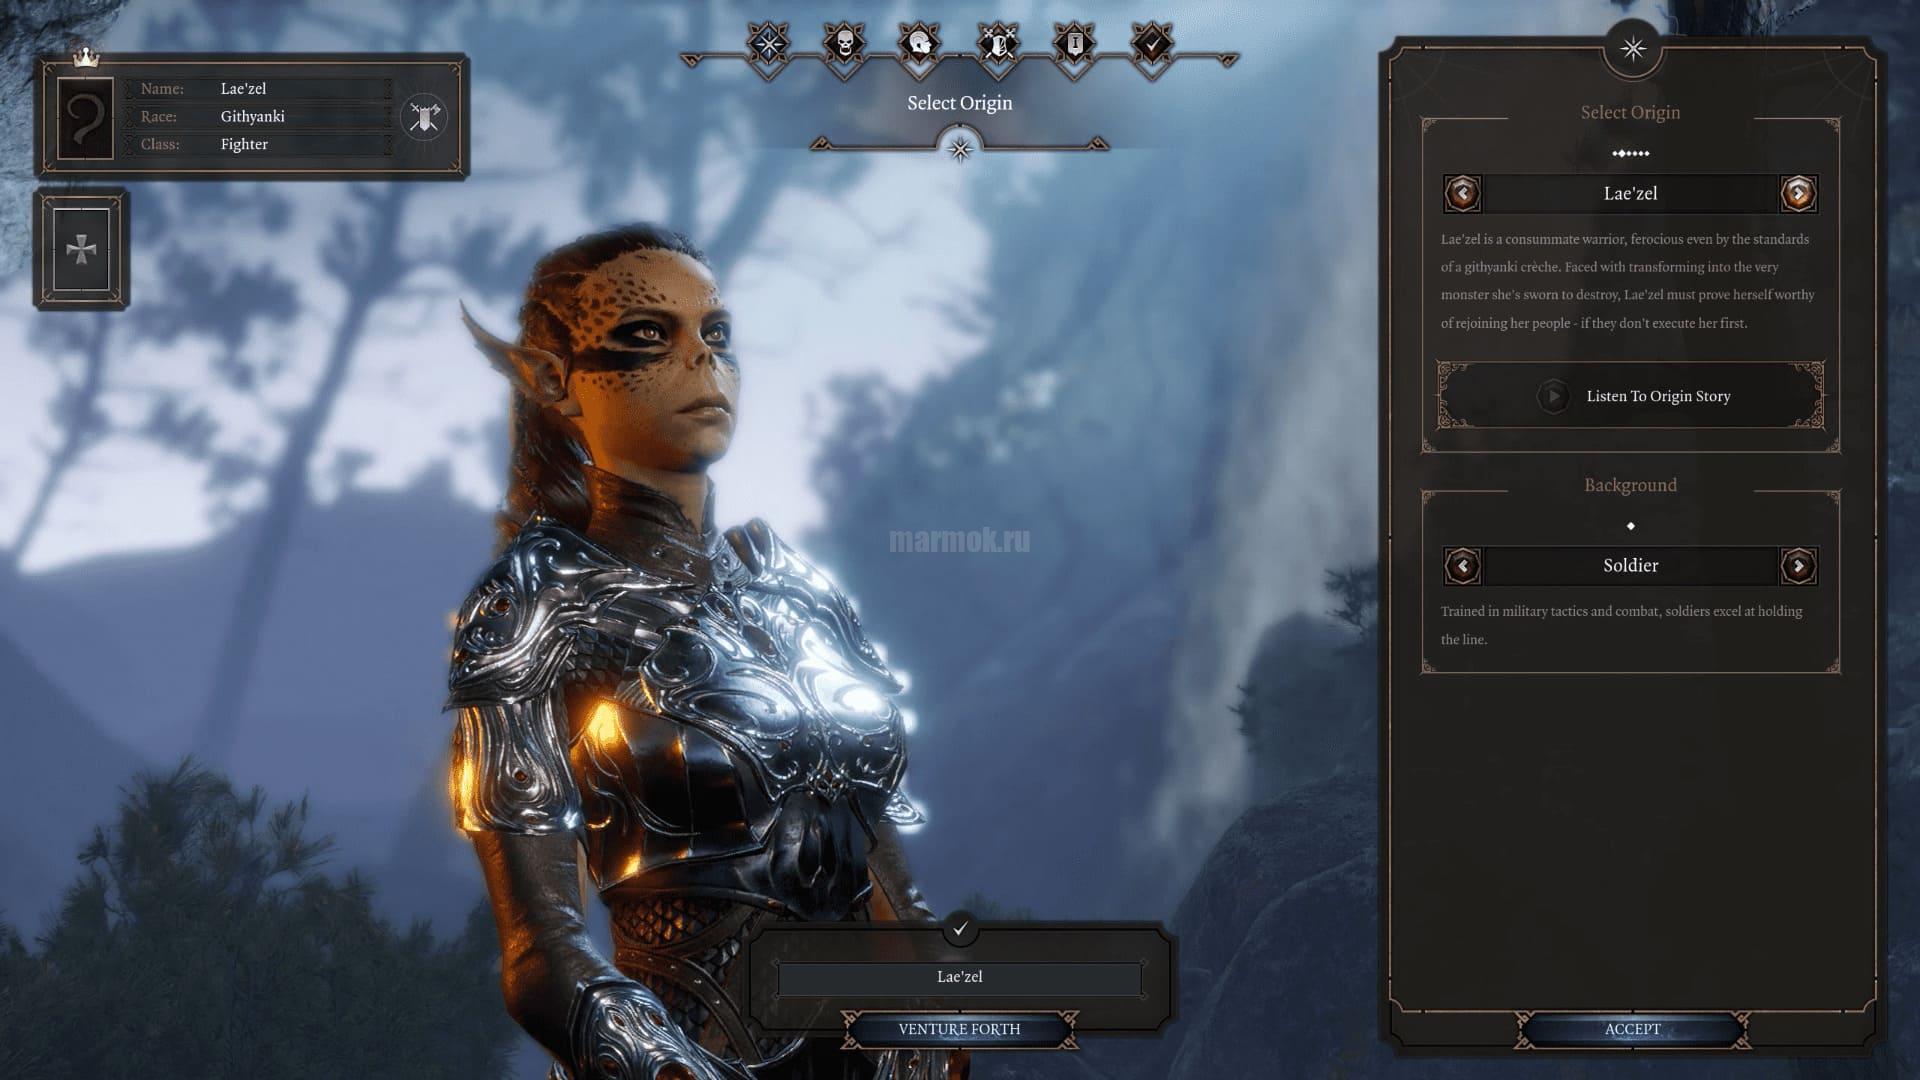 Скриншот из игры Baldur's Gate 3